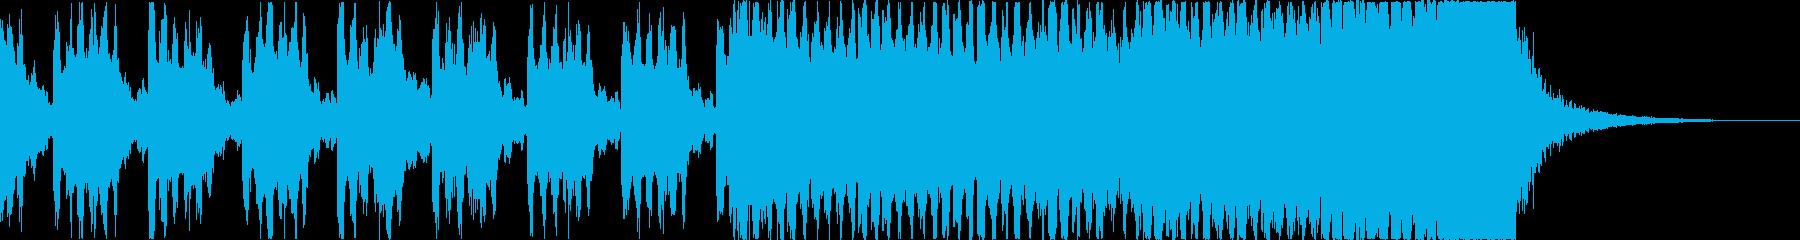 登場 入場 アイドル オープニングEDMの再生済みの波形